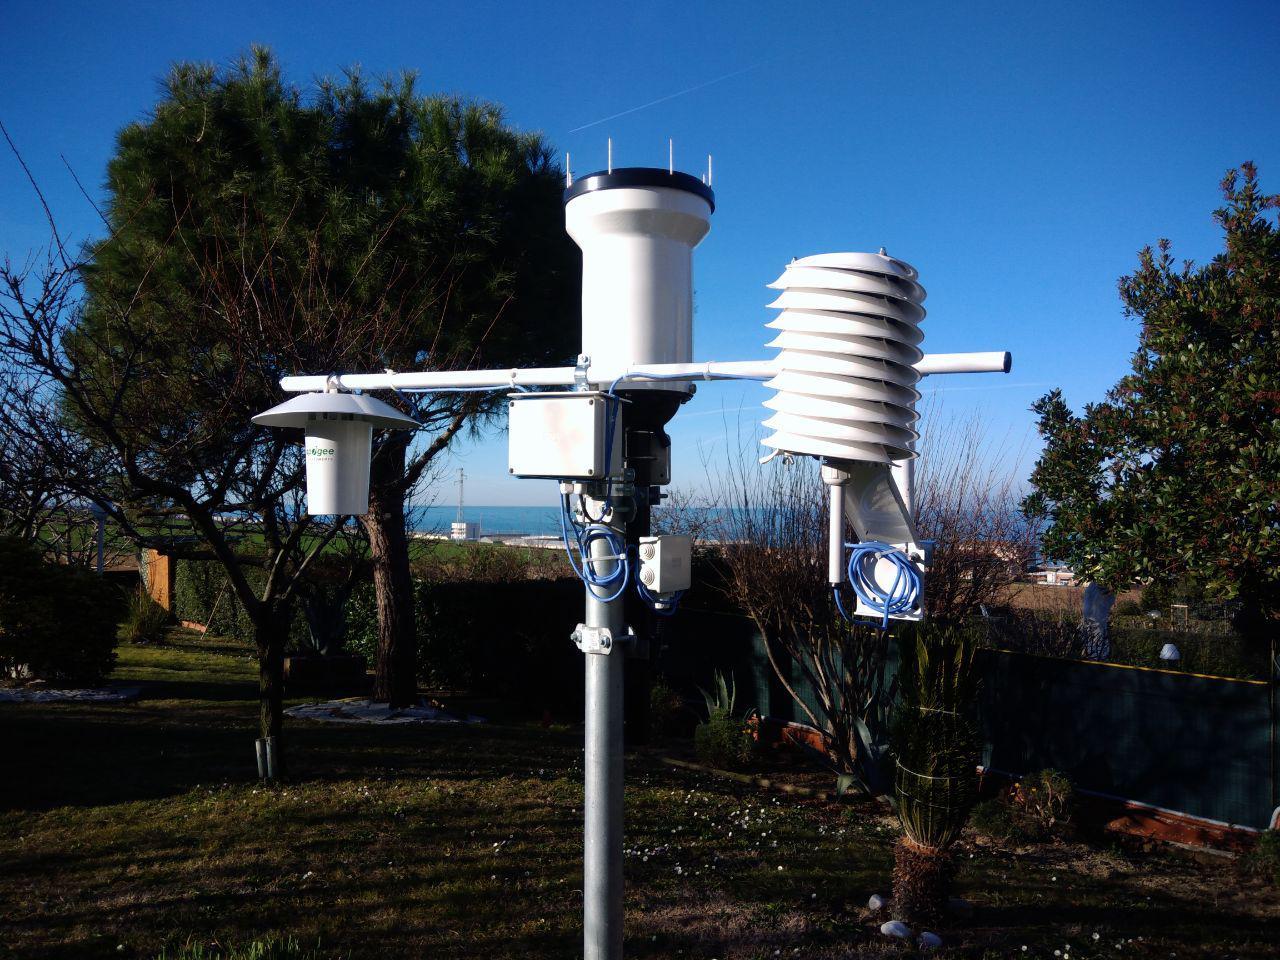 Schermo professionale Apogee TS-100 a ventilazione forzata-photo_2019-02-12_16-23-45.jpg